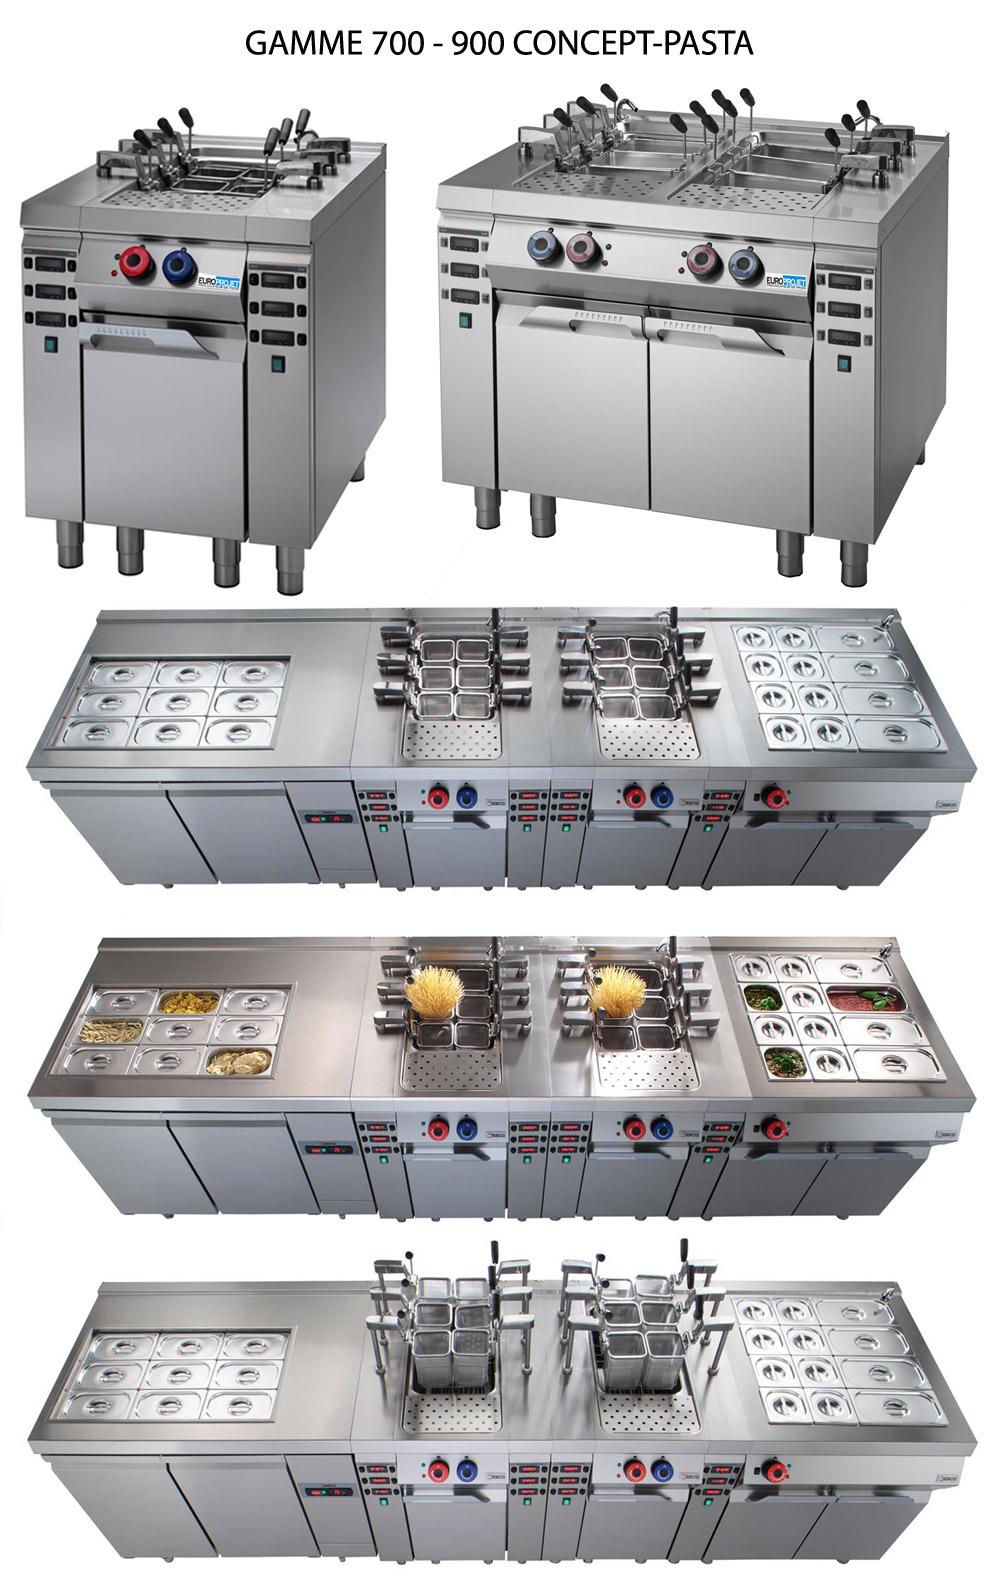 Desco cuiseur automatique p tes bar p tes for Materiel de cuisson pour professionnel